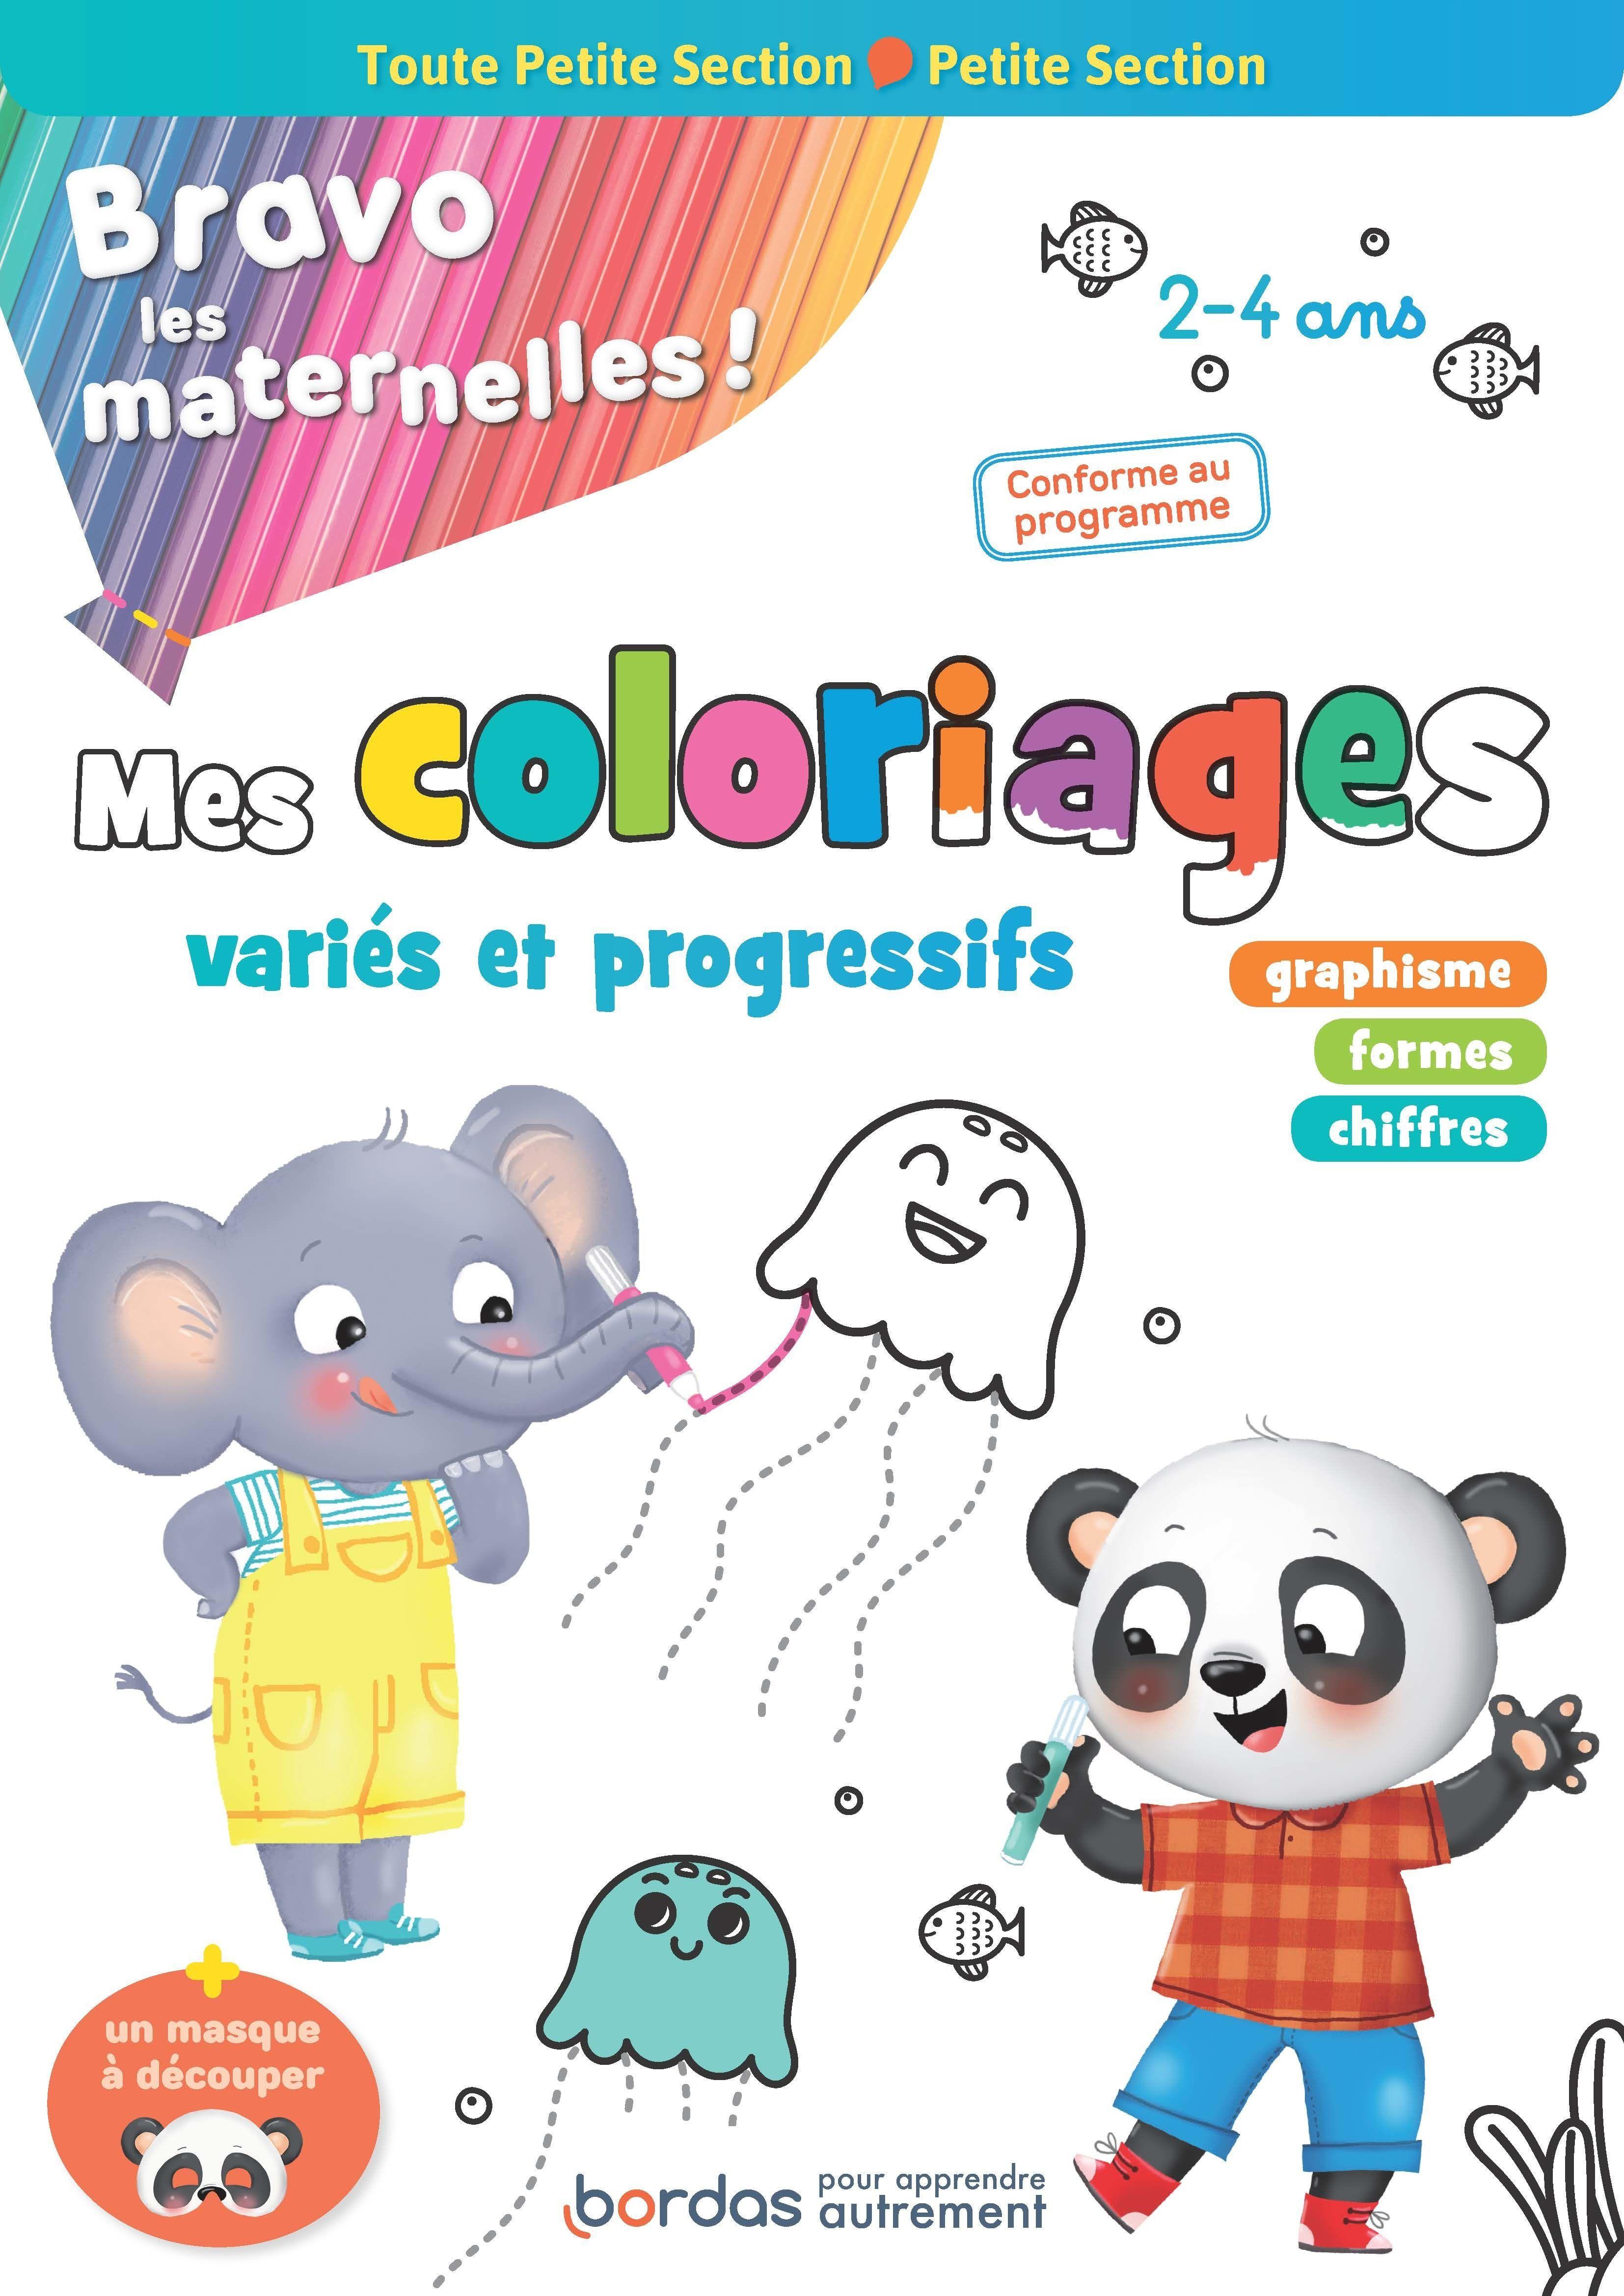 Bravo les maternelles   Mes coloriages   Toute petite et petite section